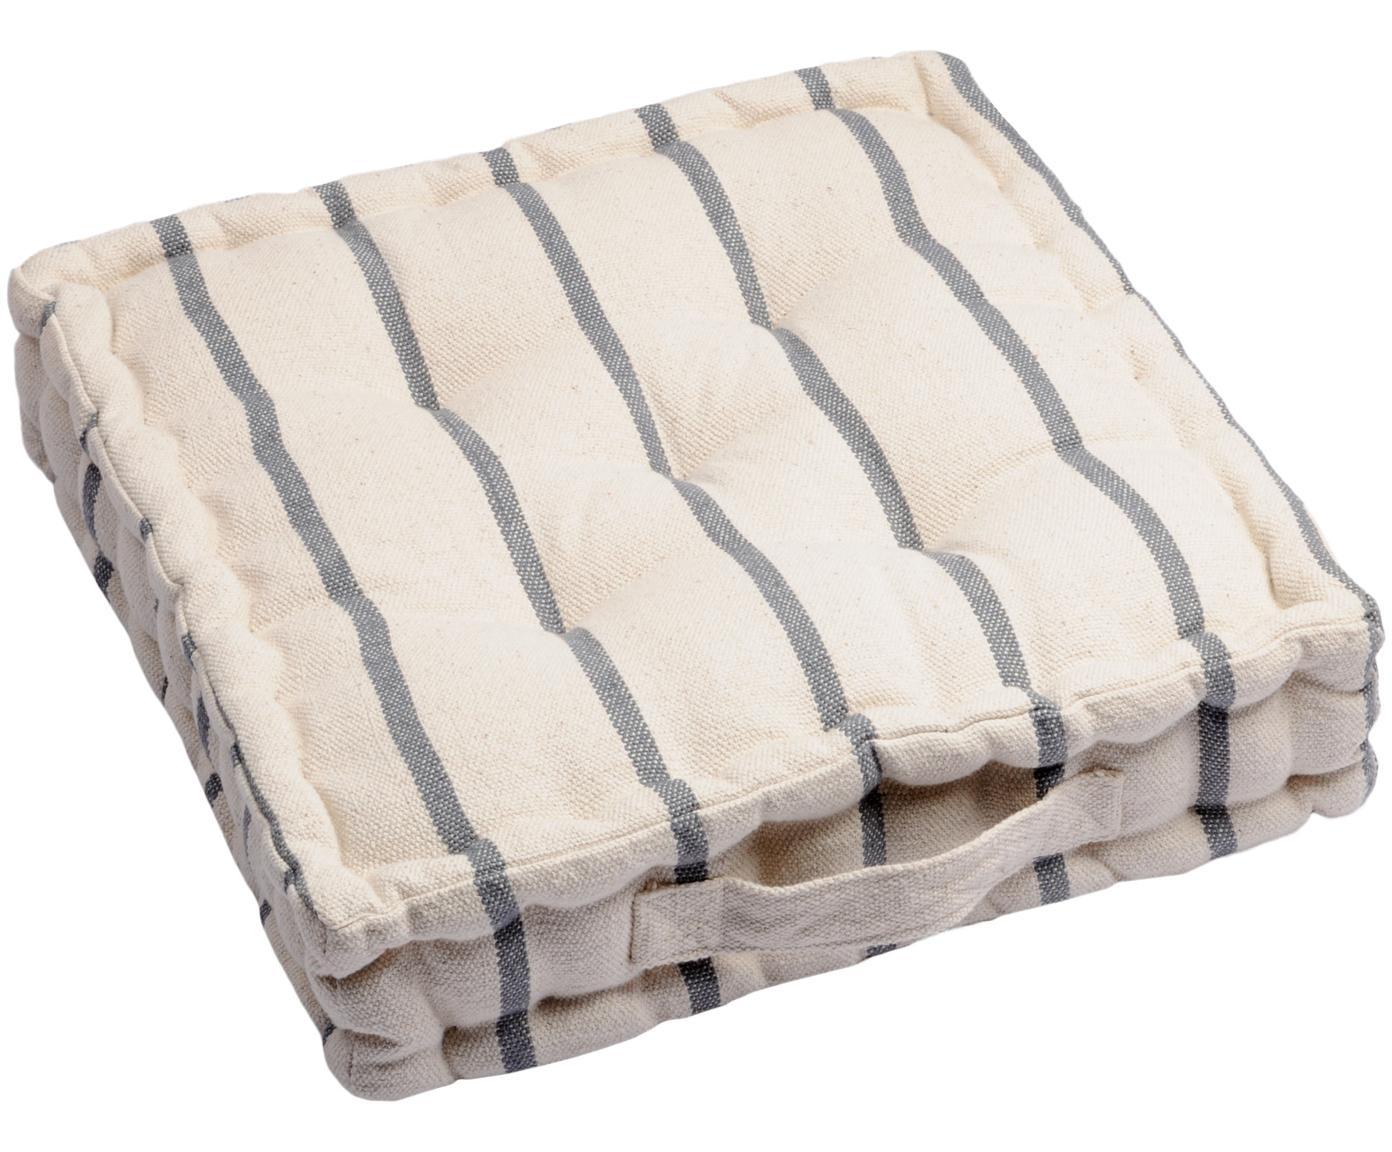 Cojín de suelo pequeño Pampelonne, Gris antracita, blanco crudo, An 45 x Al 10 cm